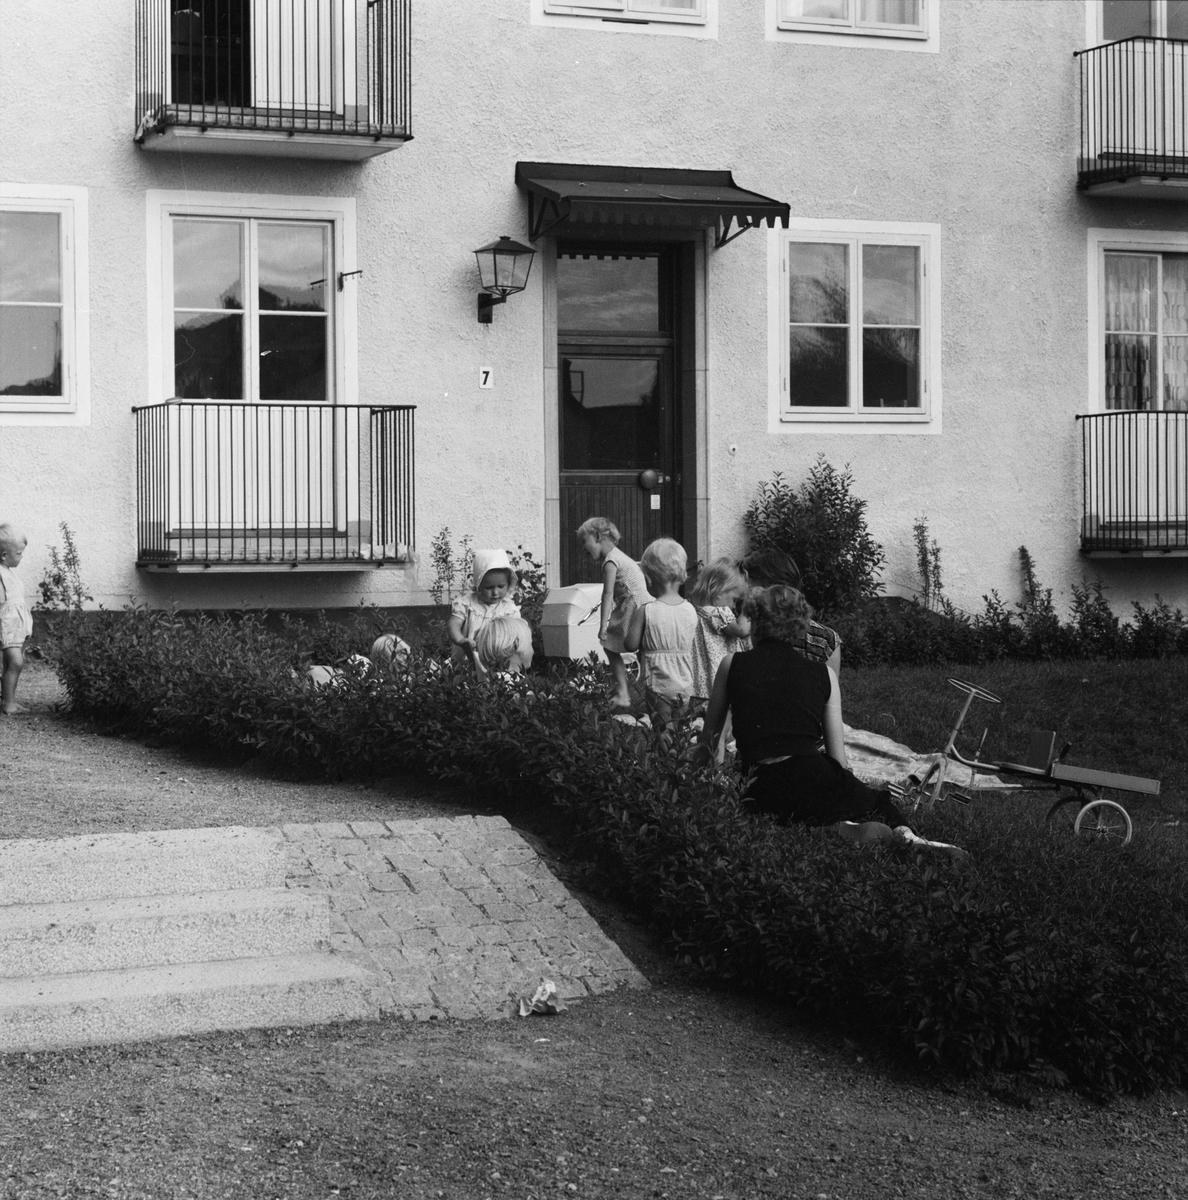 Barn och vuxna utanför flerbostadshus, Studentstaden, Rackarberget, Uppsala